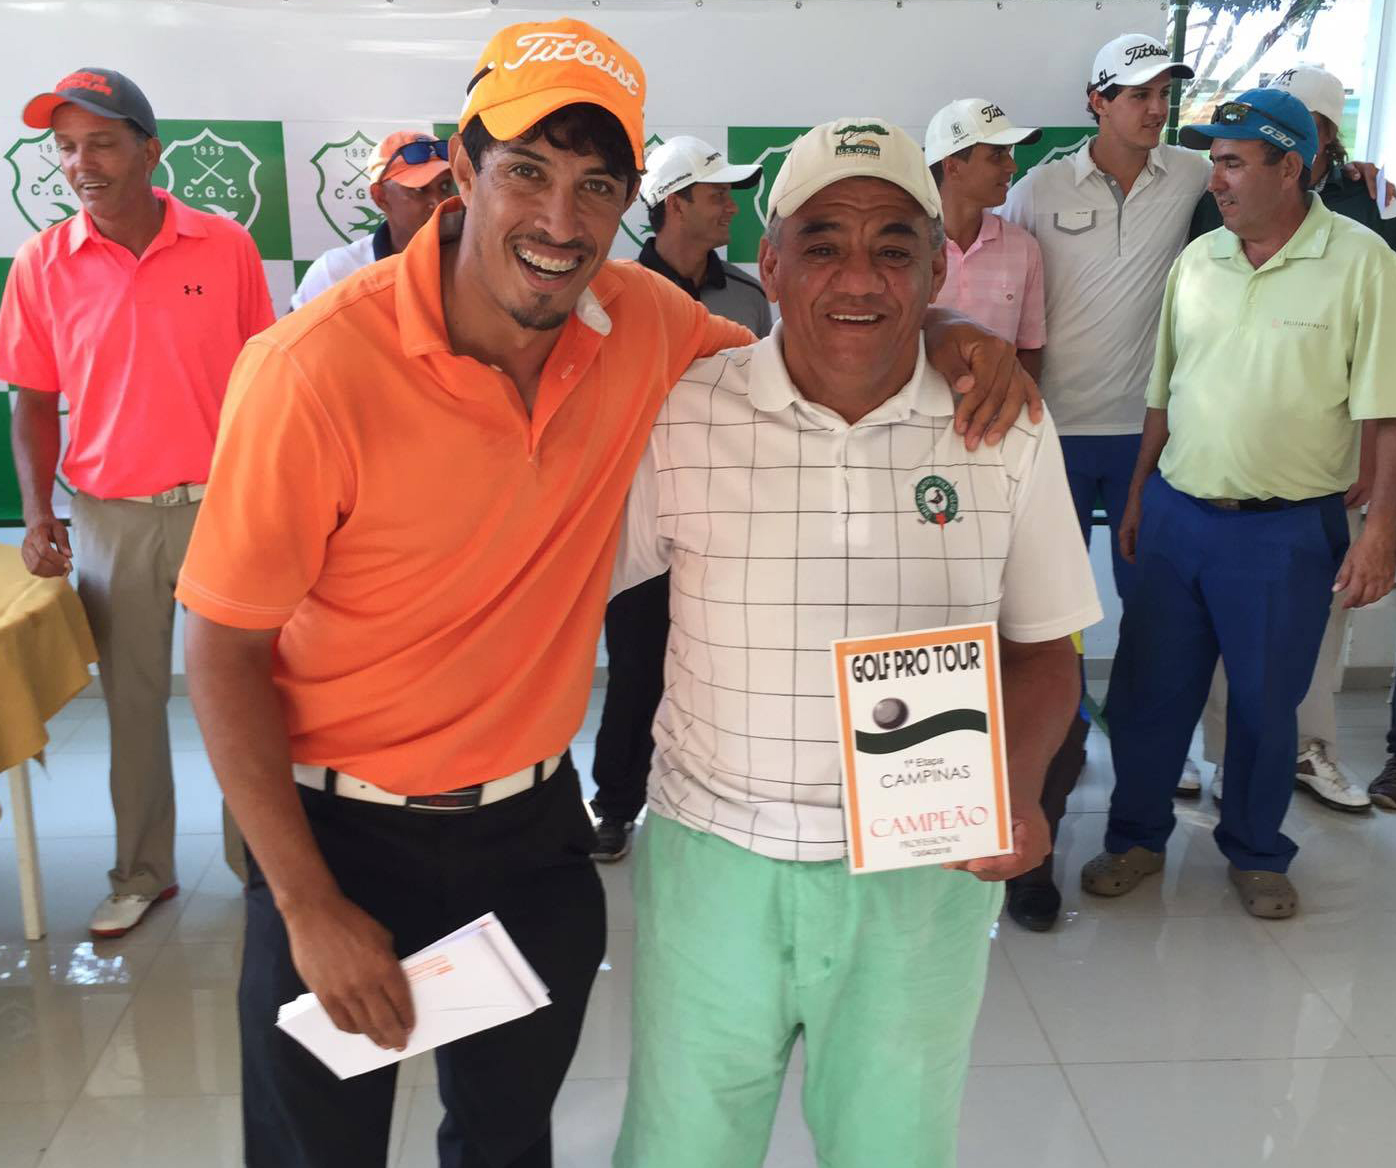 Acácio Jorge Pedro vence a I Etapa do Tour Profissional do Golf Pro Tour em Campinas